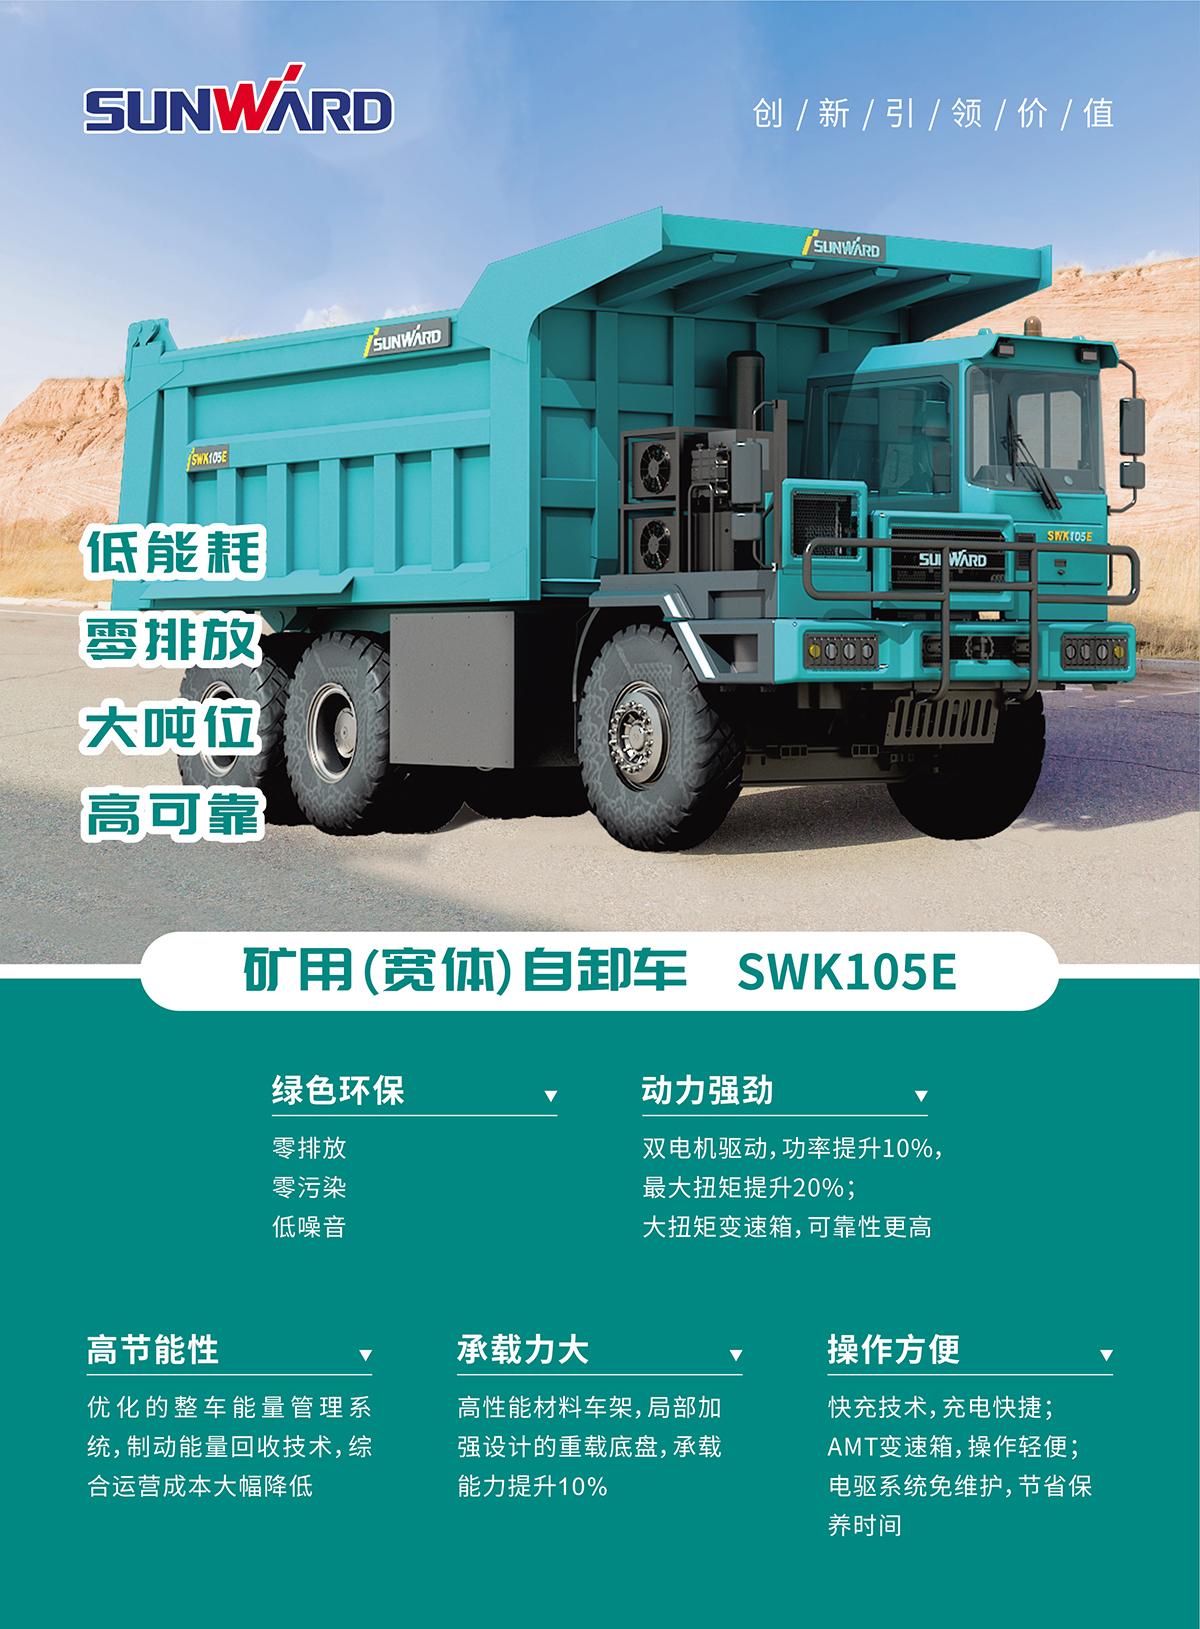 SWK 105E 矿用(宽体)自卸车